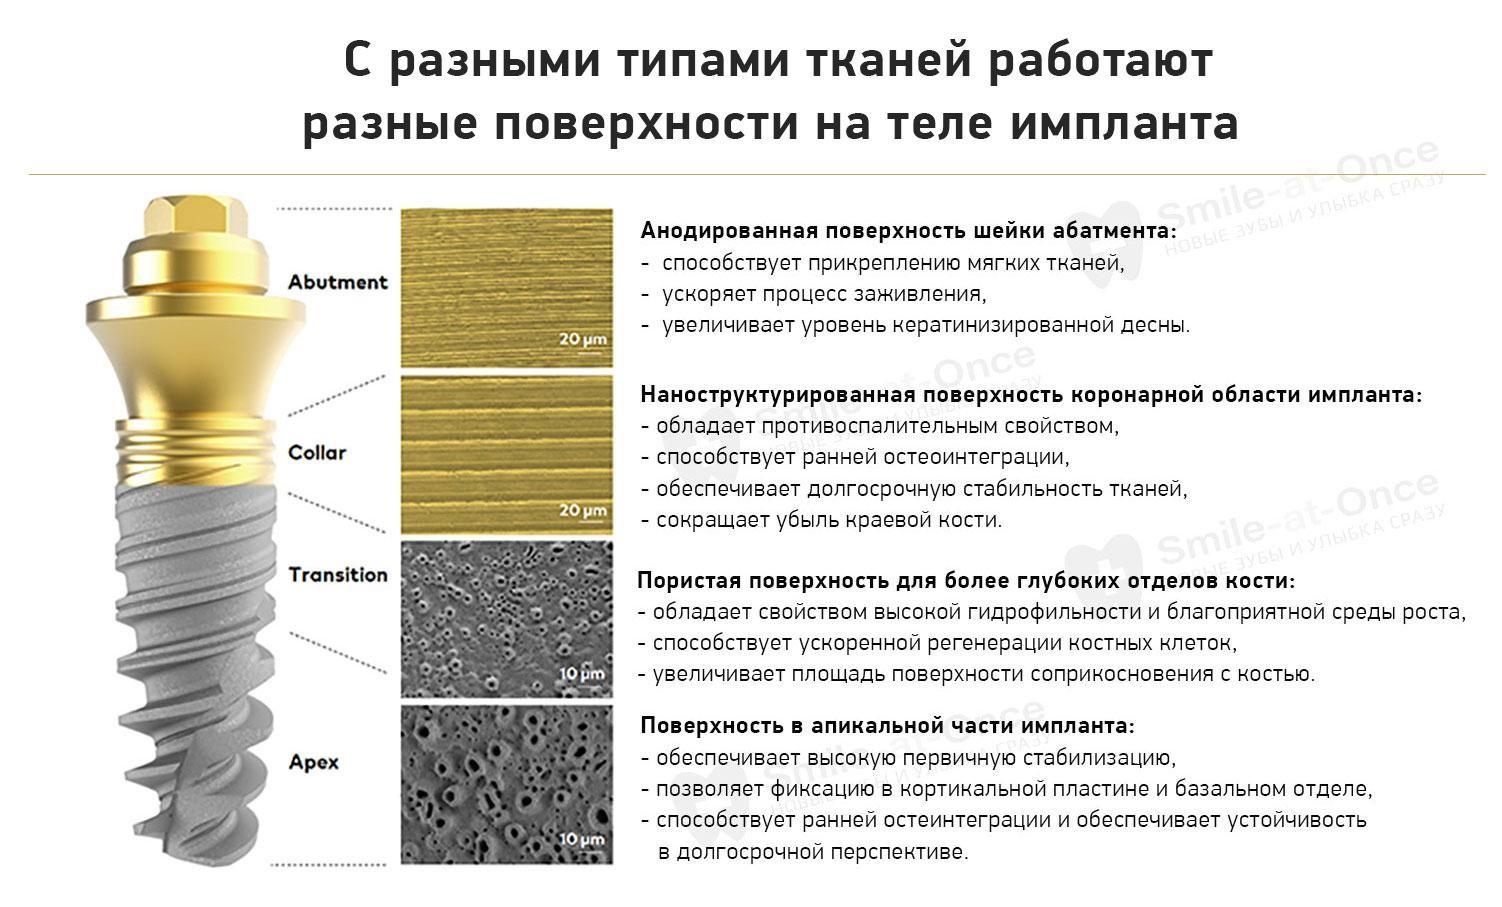 Поверхность имплантов Nobel Biocare